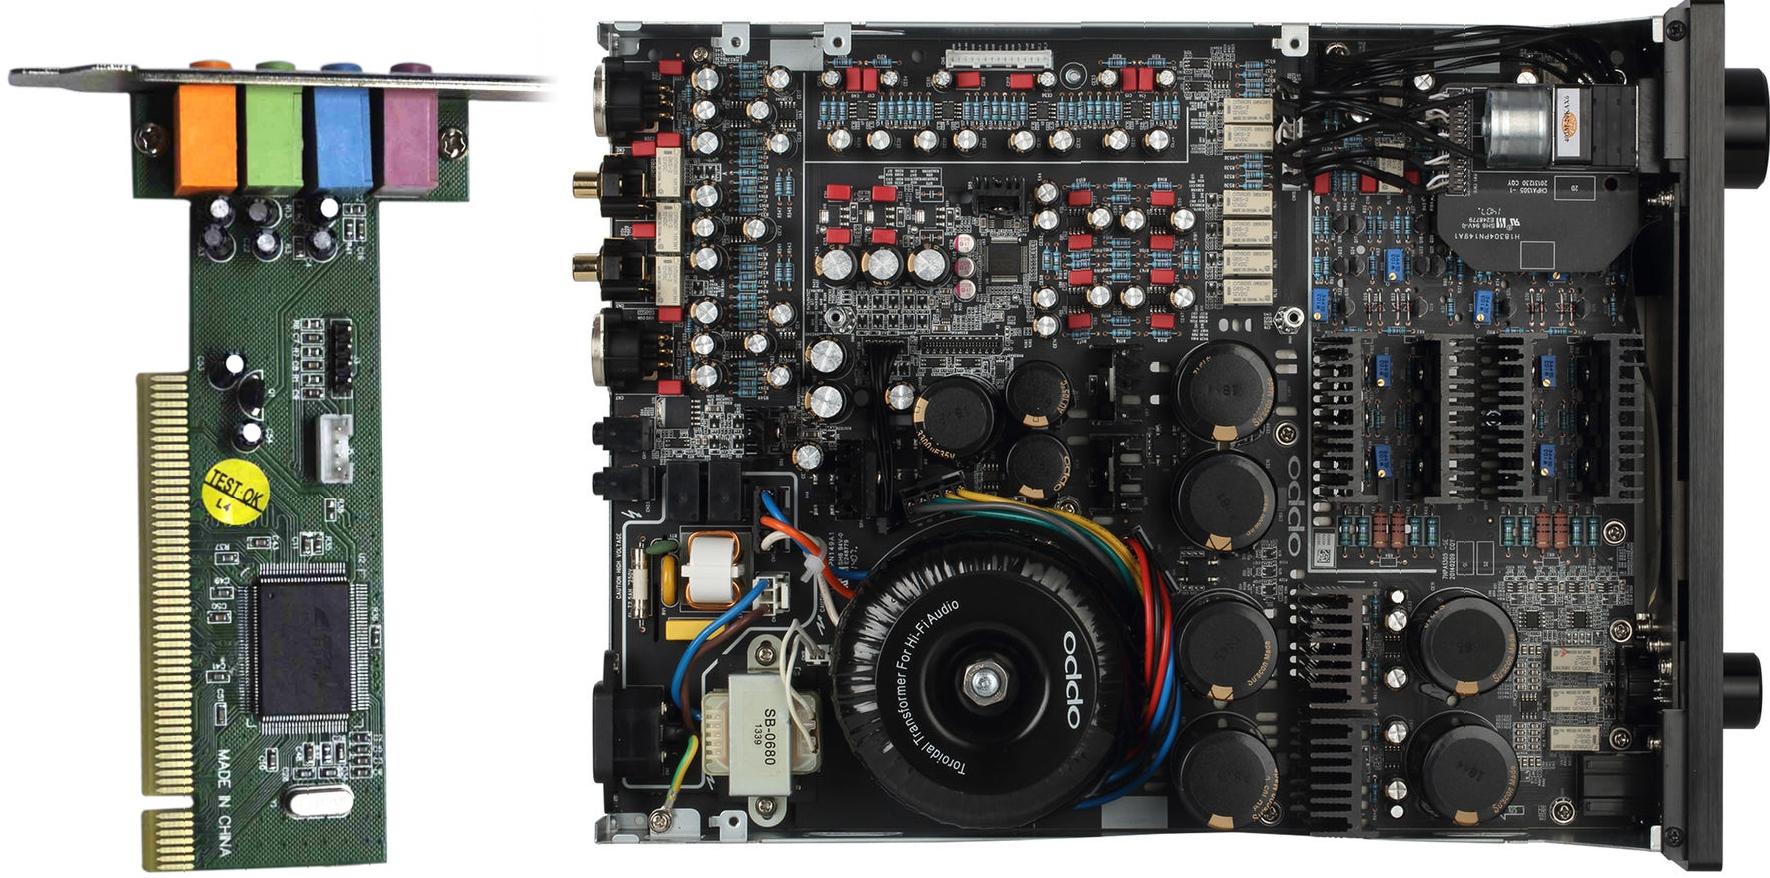 le b a -ba du dac audio usb  lequel choisir  comment configurer son ordinateur